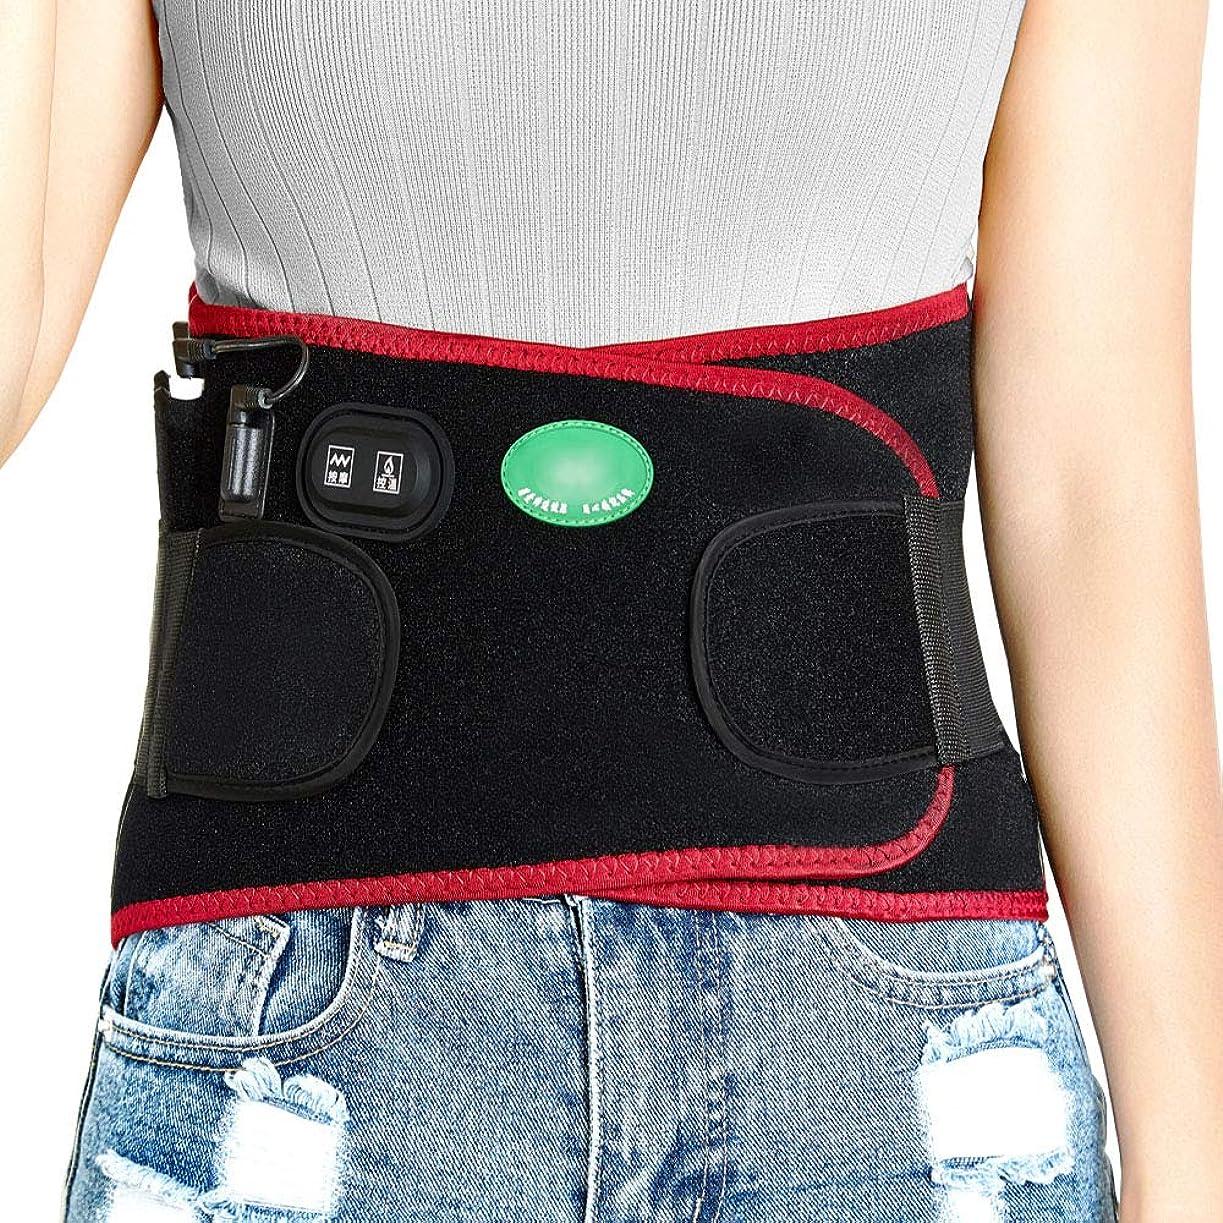 甘い着替える荒涼とした腰用温熱ベルト 腰を支える 腰間盤際立っている 遠赤外線 腰椎の痛み緩和 3段階温度調節 充電式マッサージ振動する労損 熱をつける男女